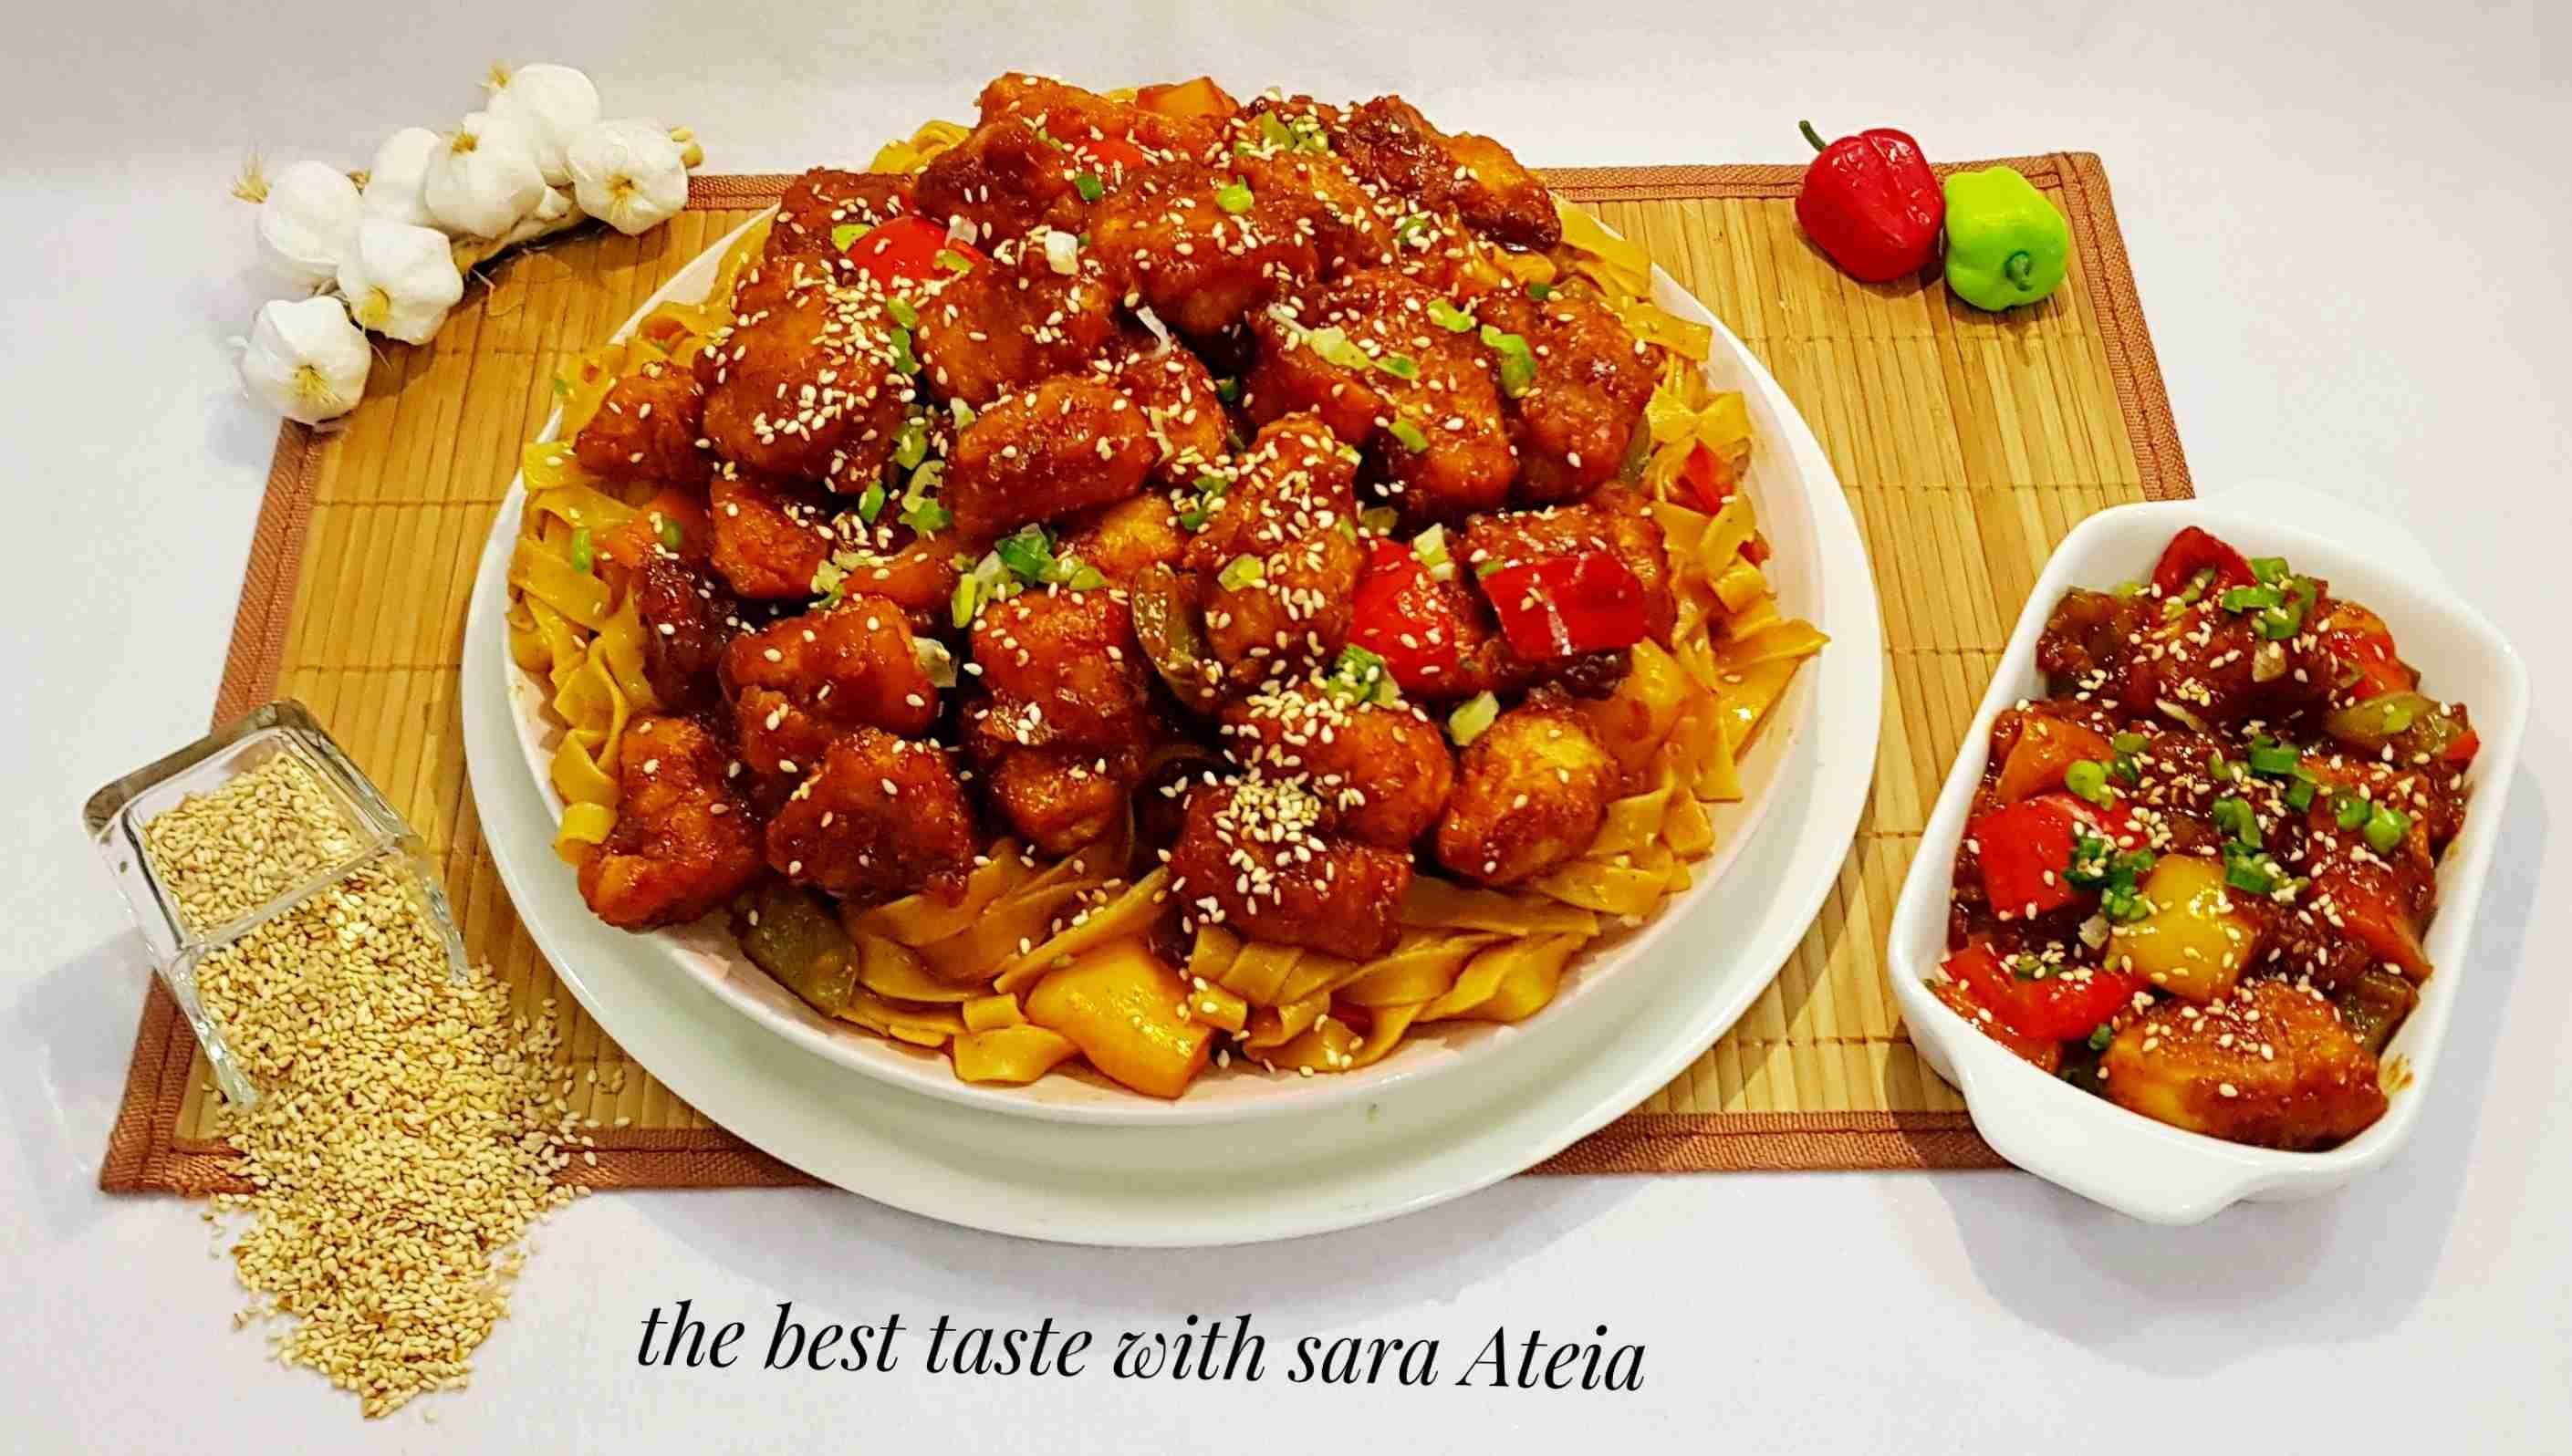 طريقة عمل صوص البافلو و١٥ فكرة متنوعة لتناوله بمذاق ألذ Best Appetizer Recipes Appetizer Recipes Hearty Meals